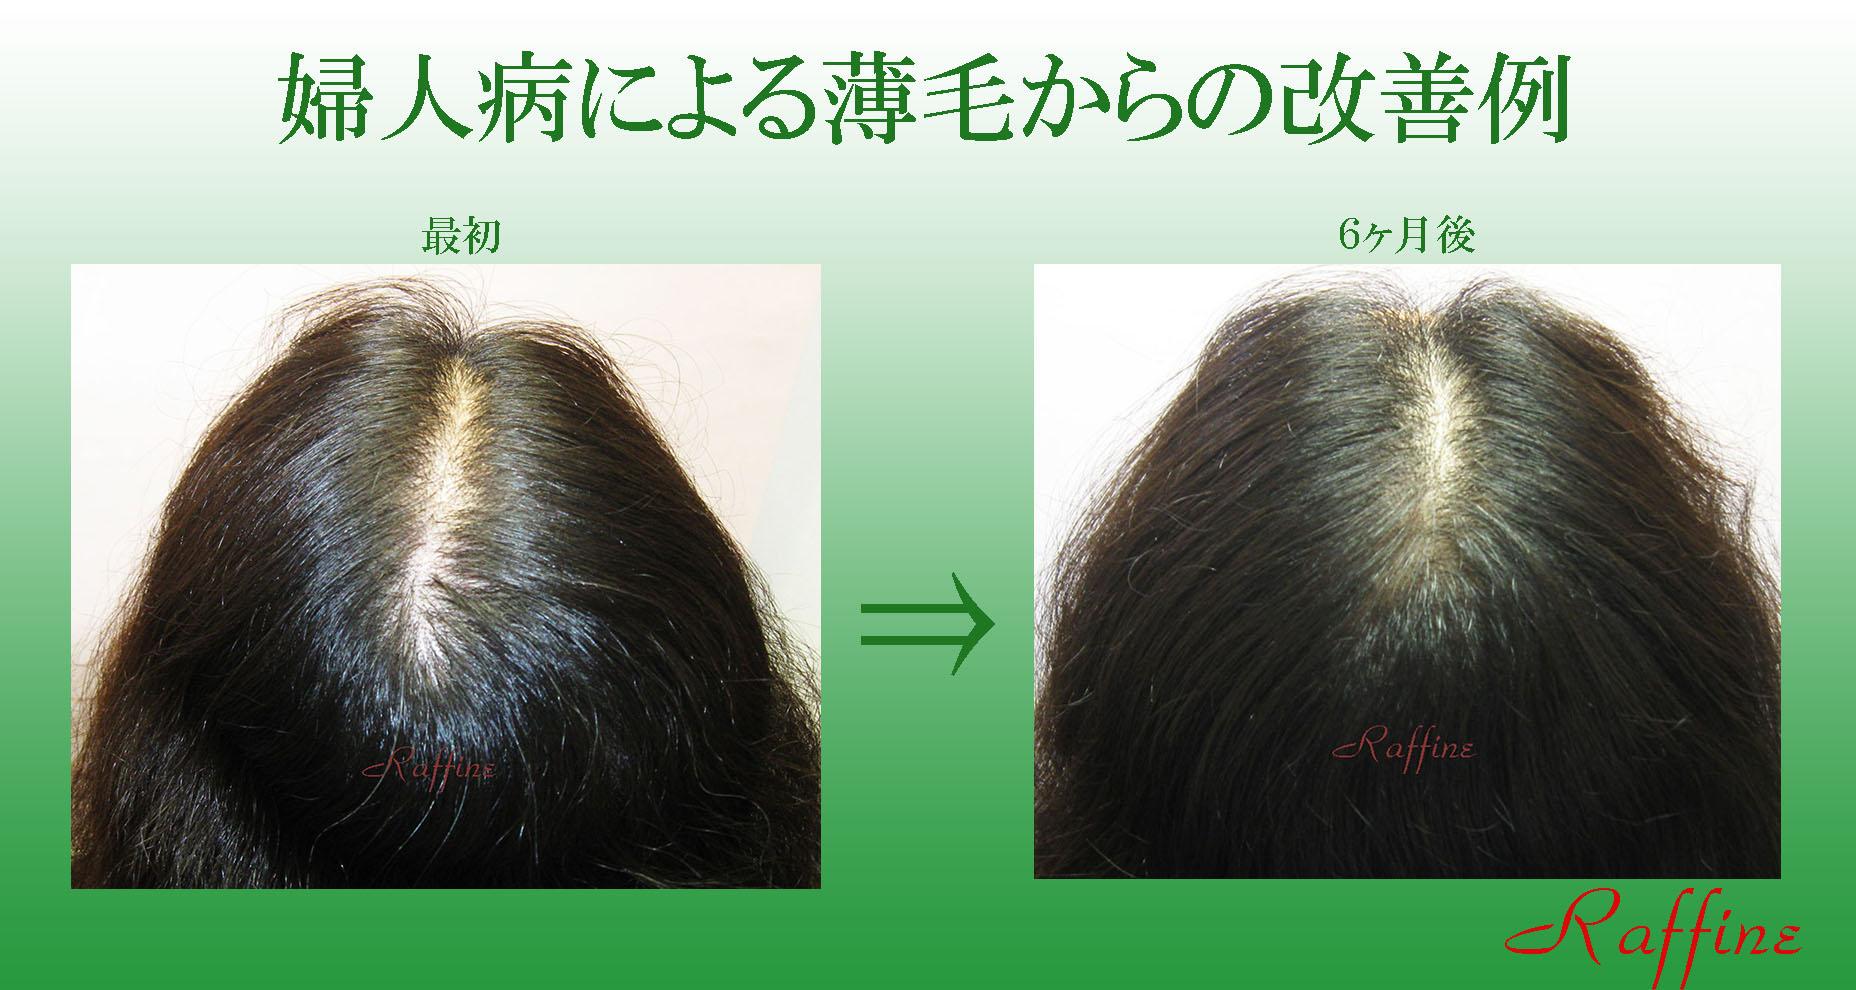 婦人病による薄毛からの改善例